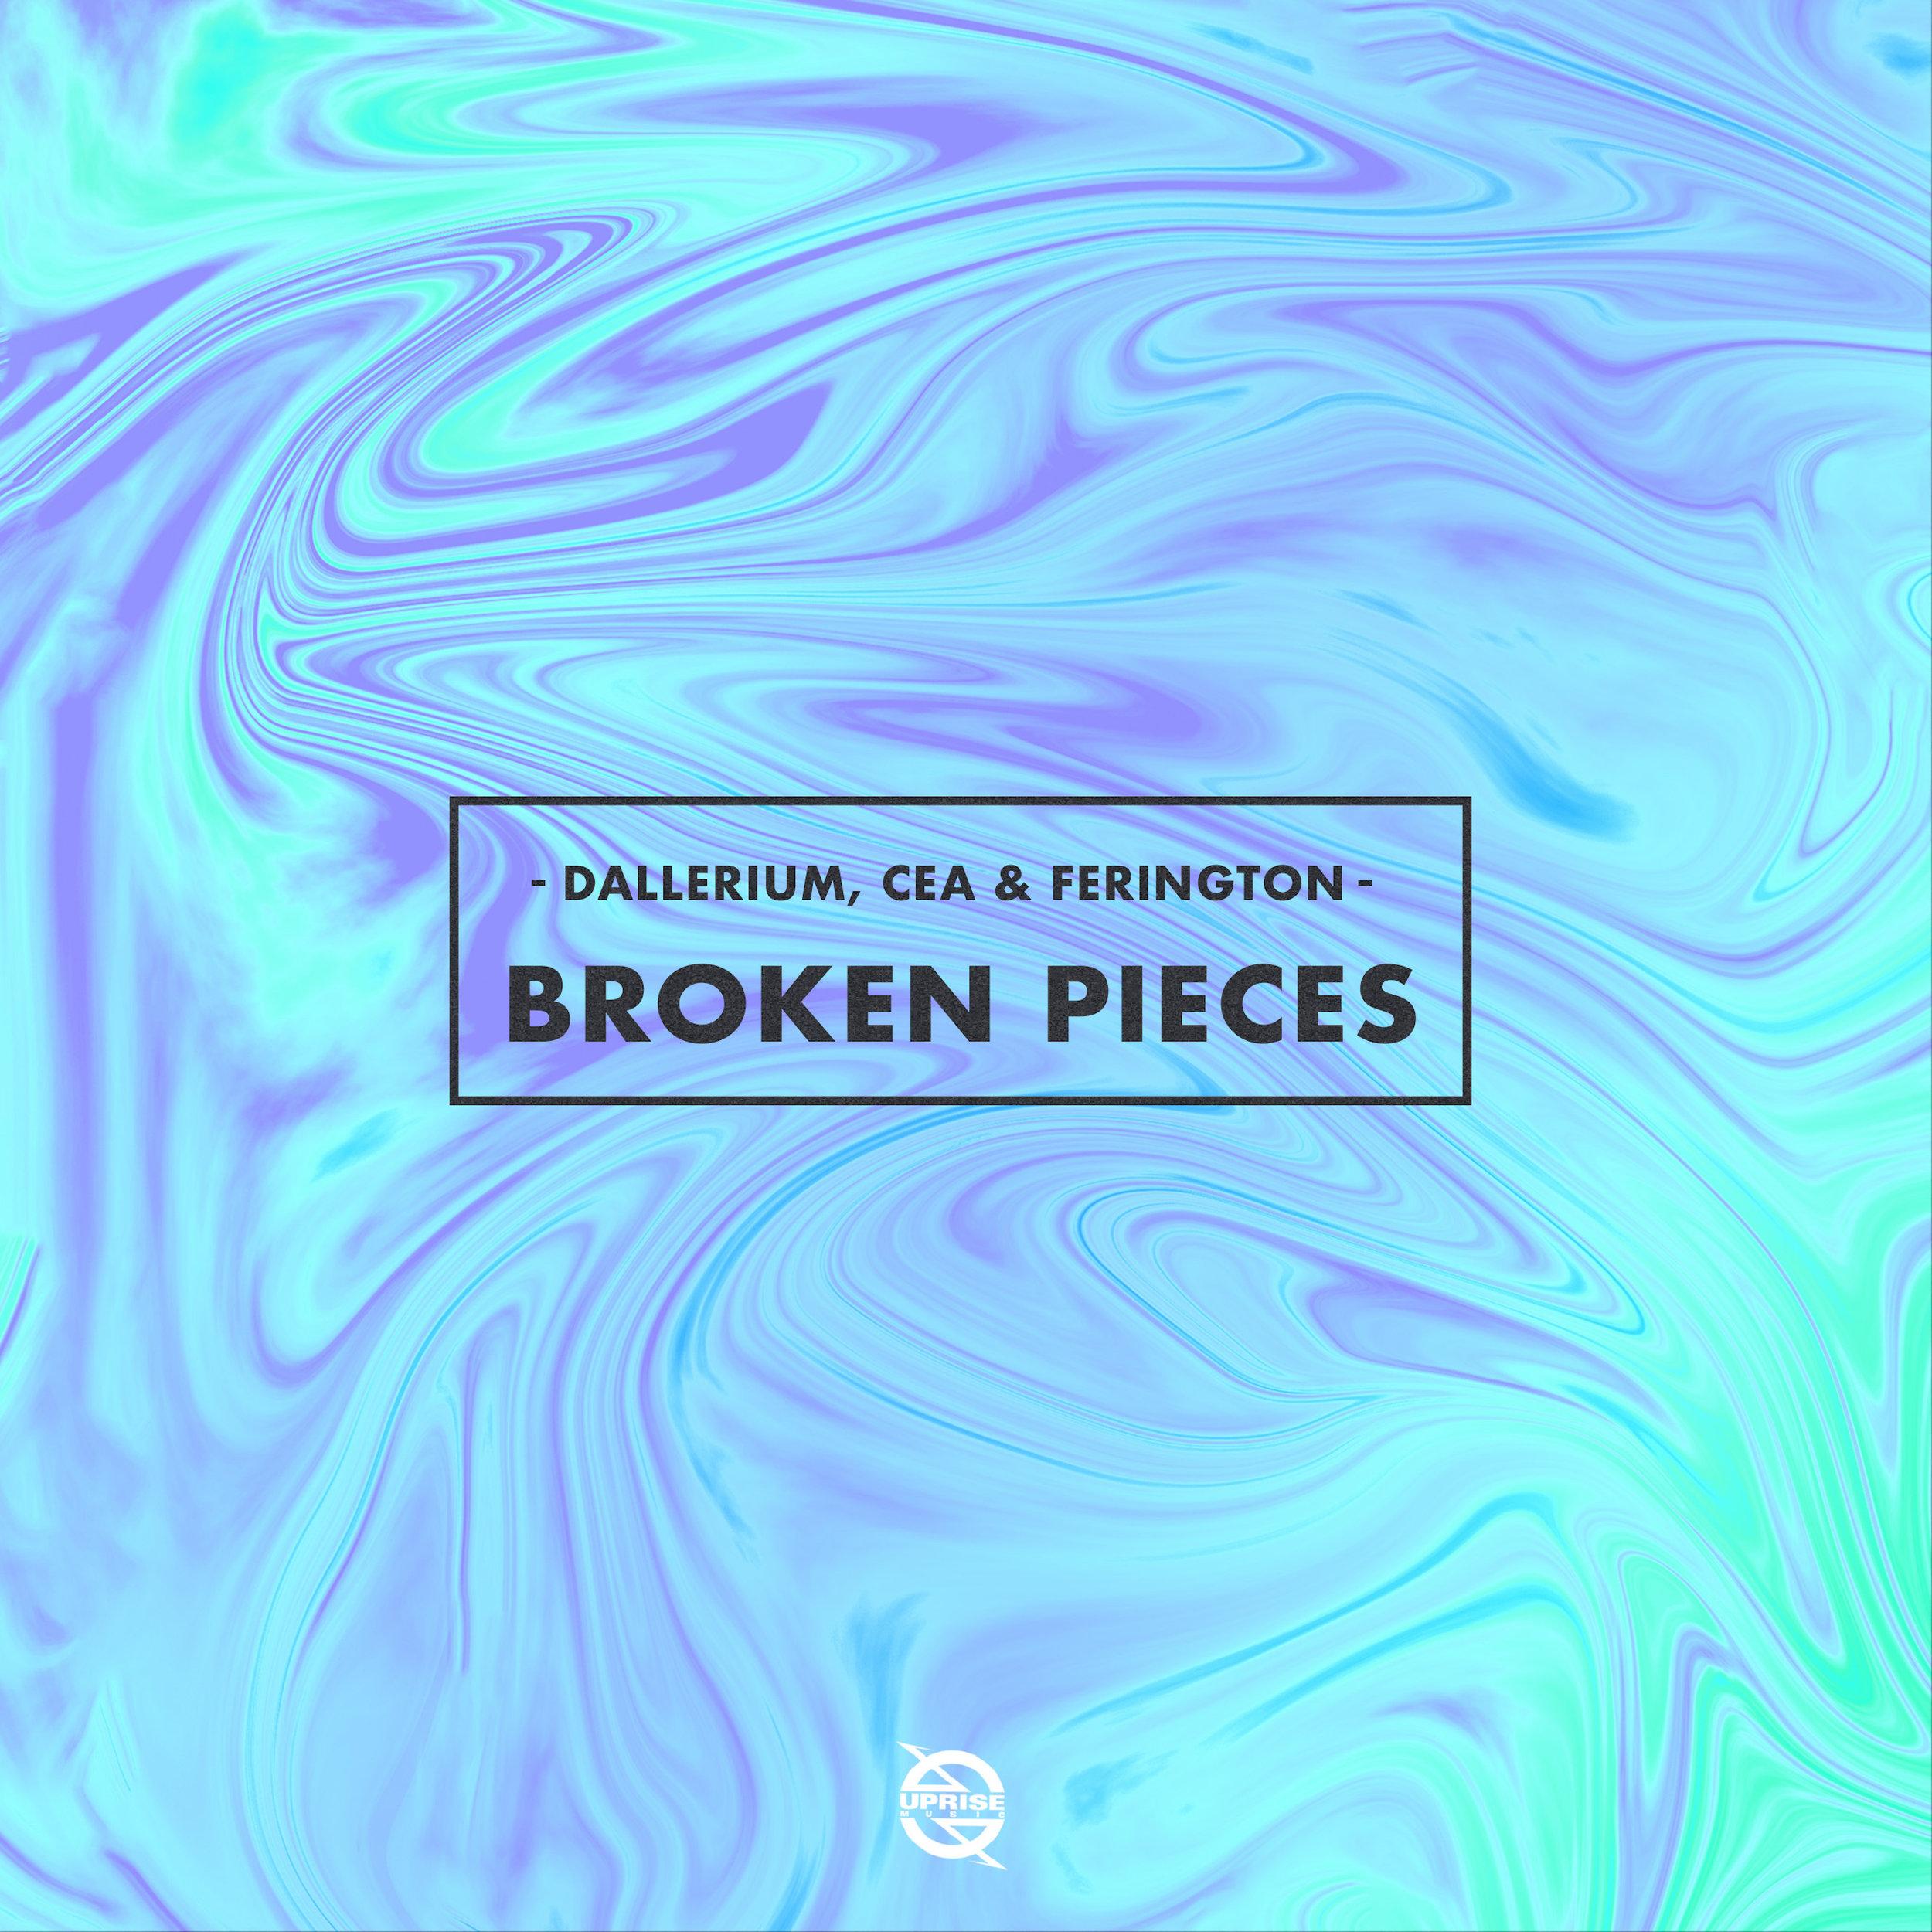 Dallerium, Cea & Ferington - Broken Pieces